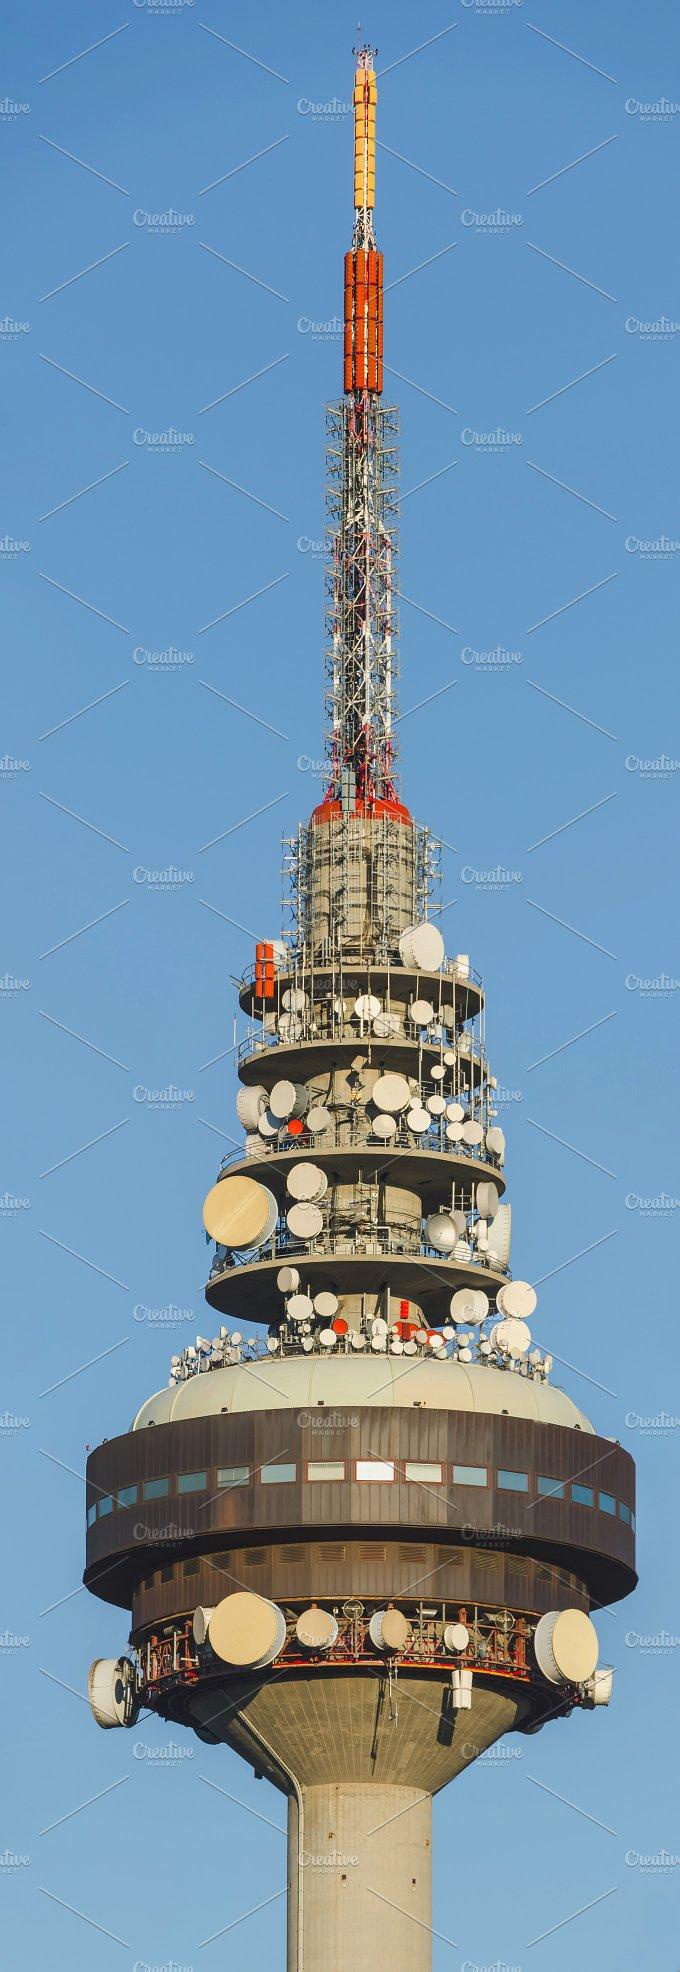 Telecommunications tower. Madrid - Technology